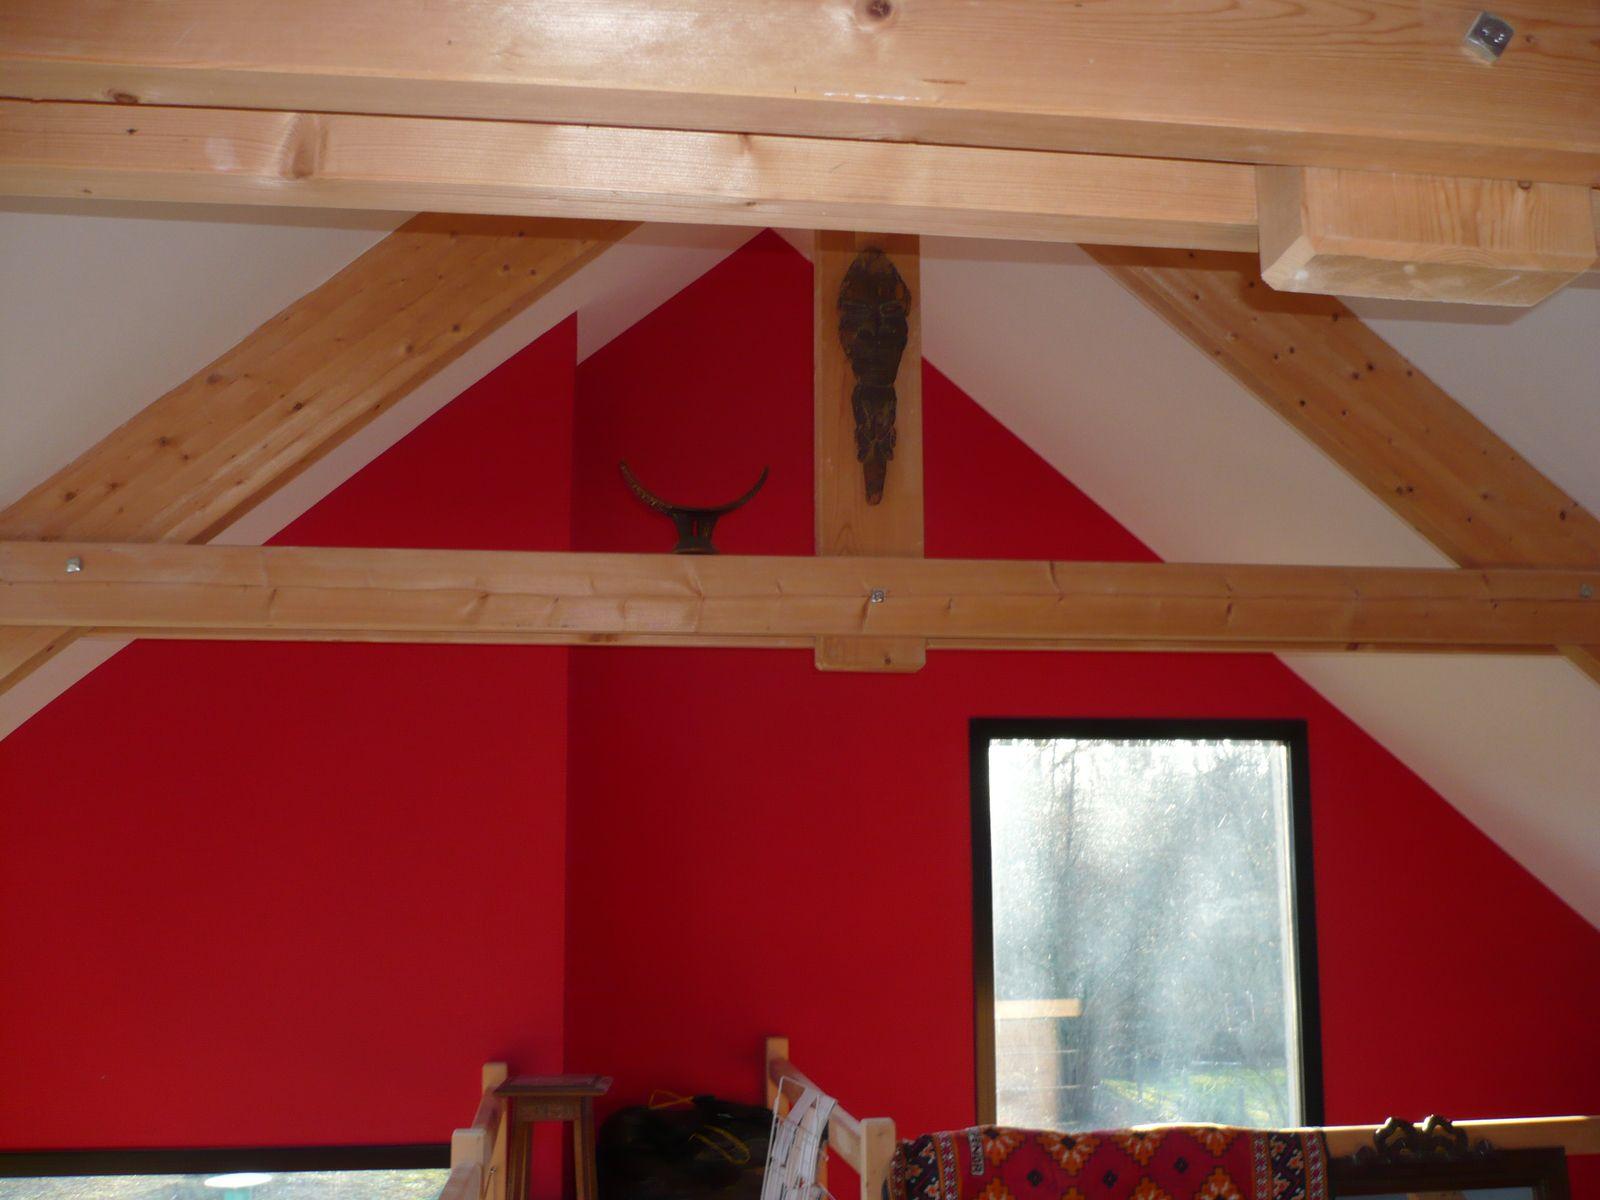 La couleur rouge réchauffe la pièce et s'allie parfaitement avec le bois. Le blanc fait ressortir le mur pour le mettre en valeur.